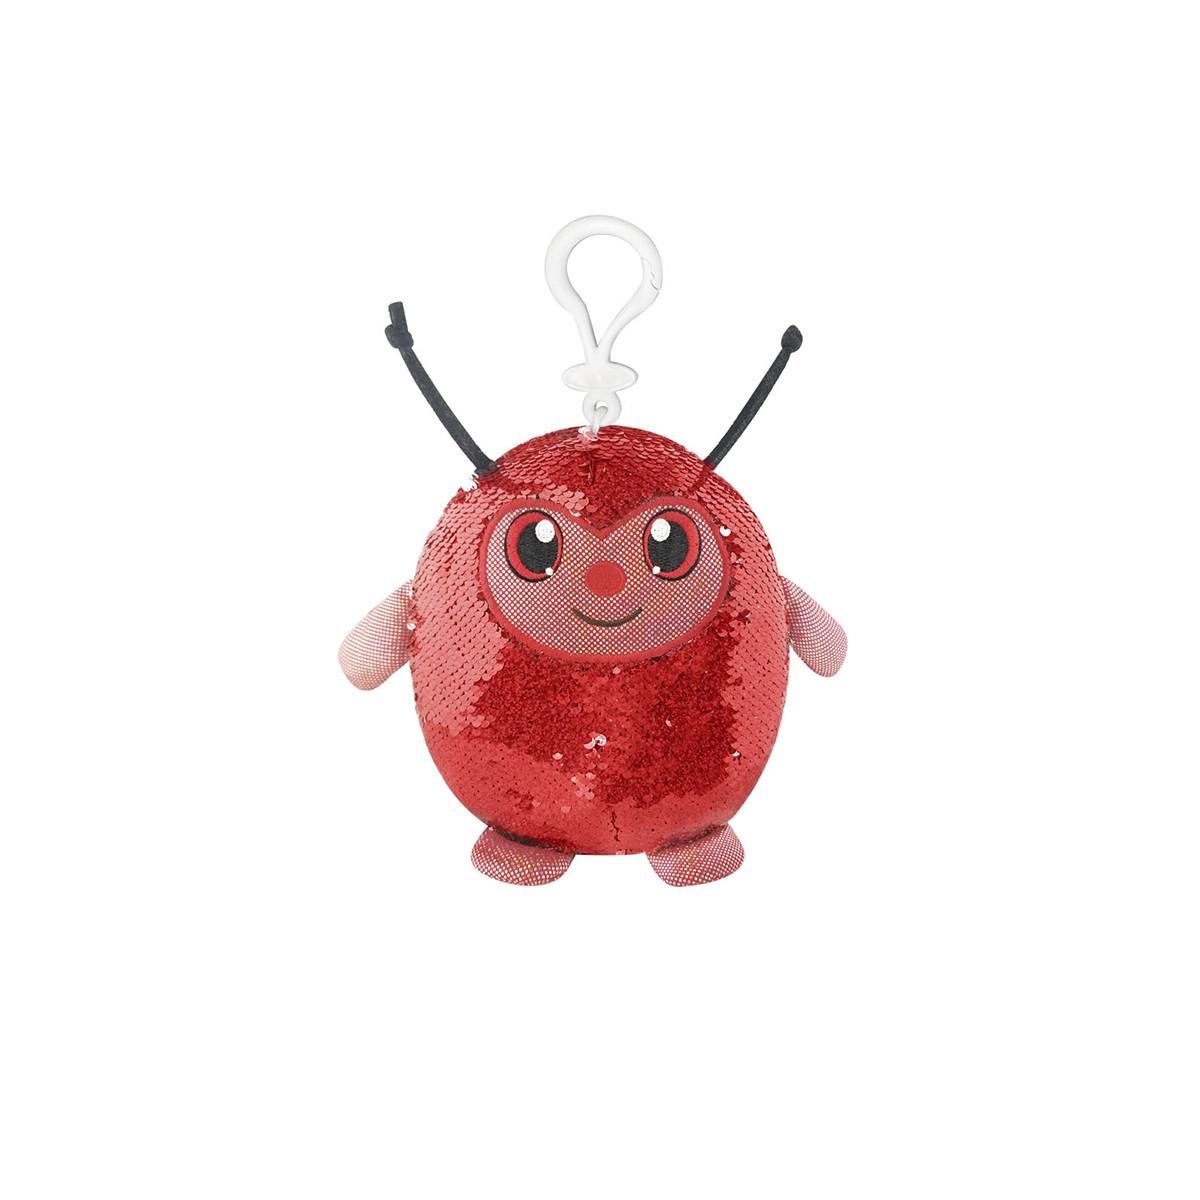 М'яка іграшка з паєтками SHIMMEEZ – СИМПАТИЧНА БОЖА КОРІВКА (9 см, на кліпсі), SMZ01000L